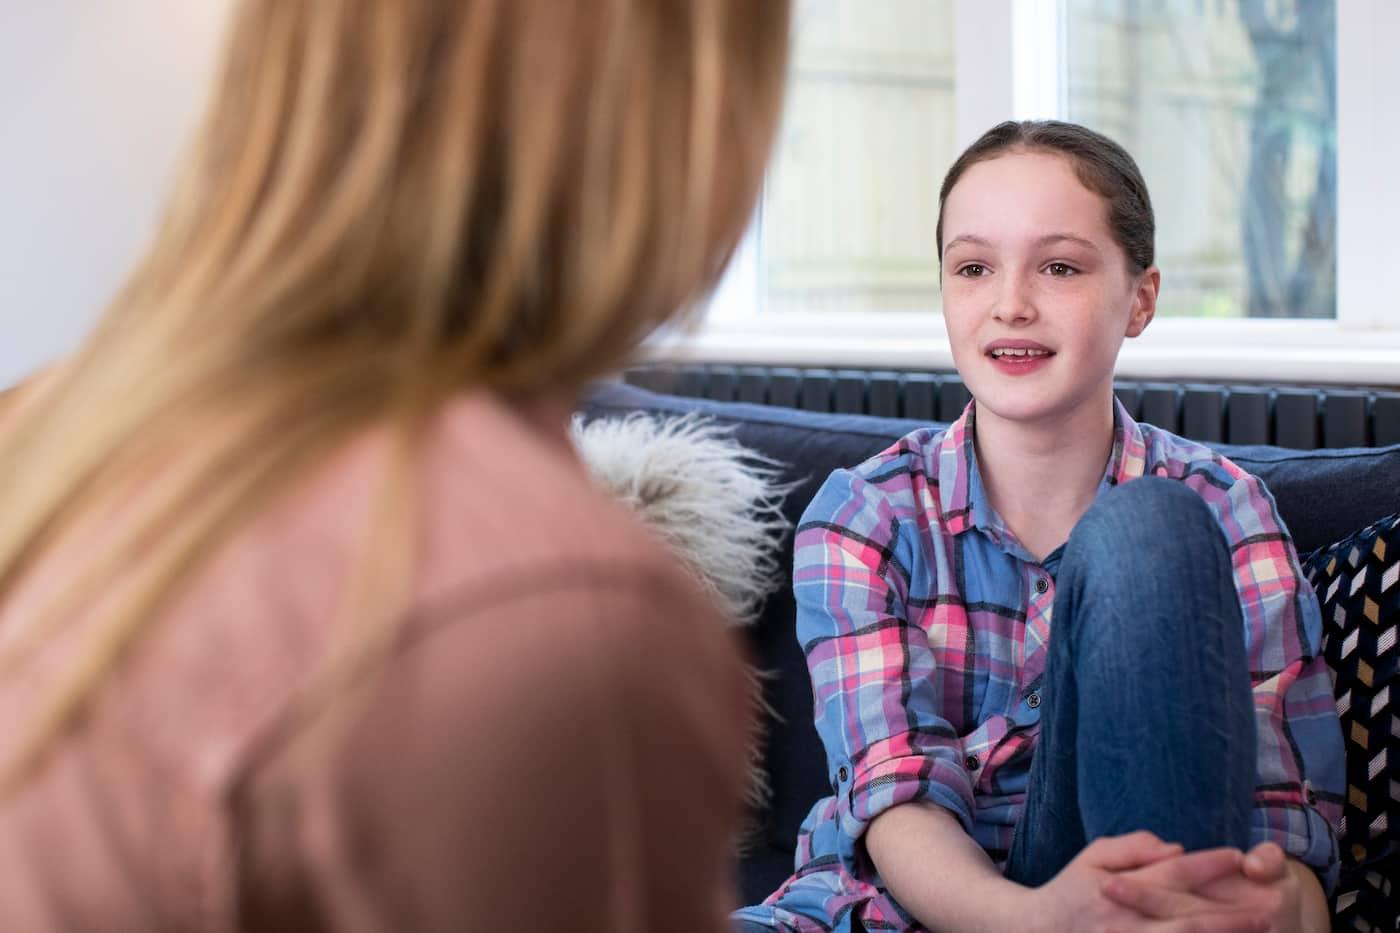 Ευρωπαϊκή Ημέρα Λογοθεραπείας (6/3) – Πώς θα καταλάβεις ότι το παιδί σου χρειάζεται λογοθεραπεία